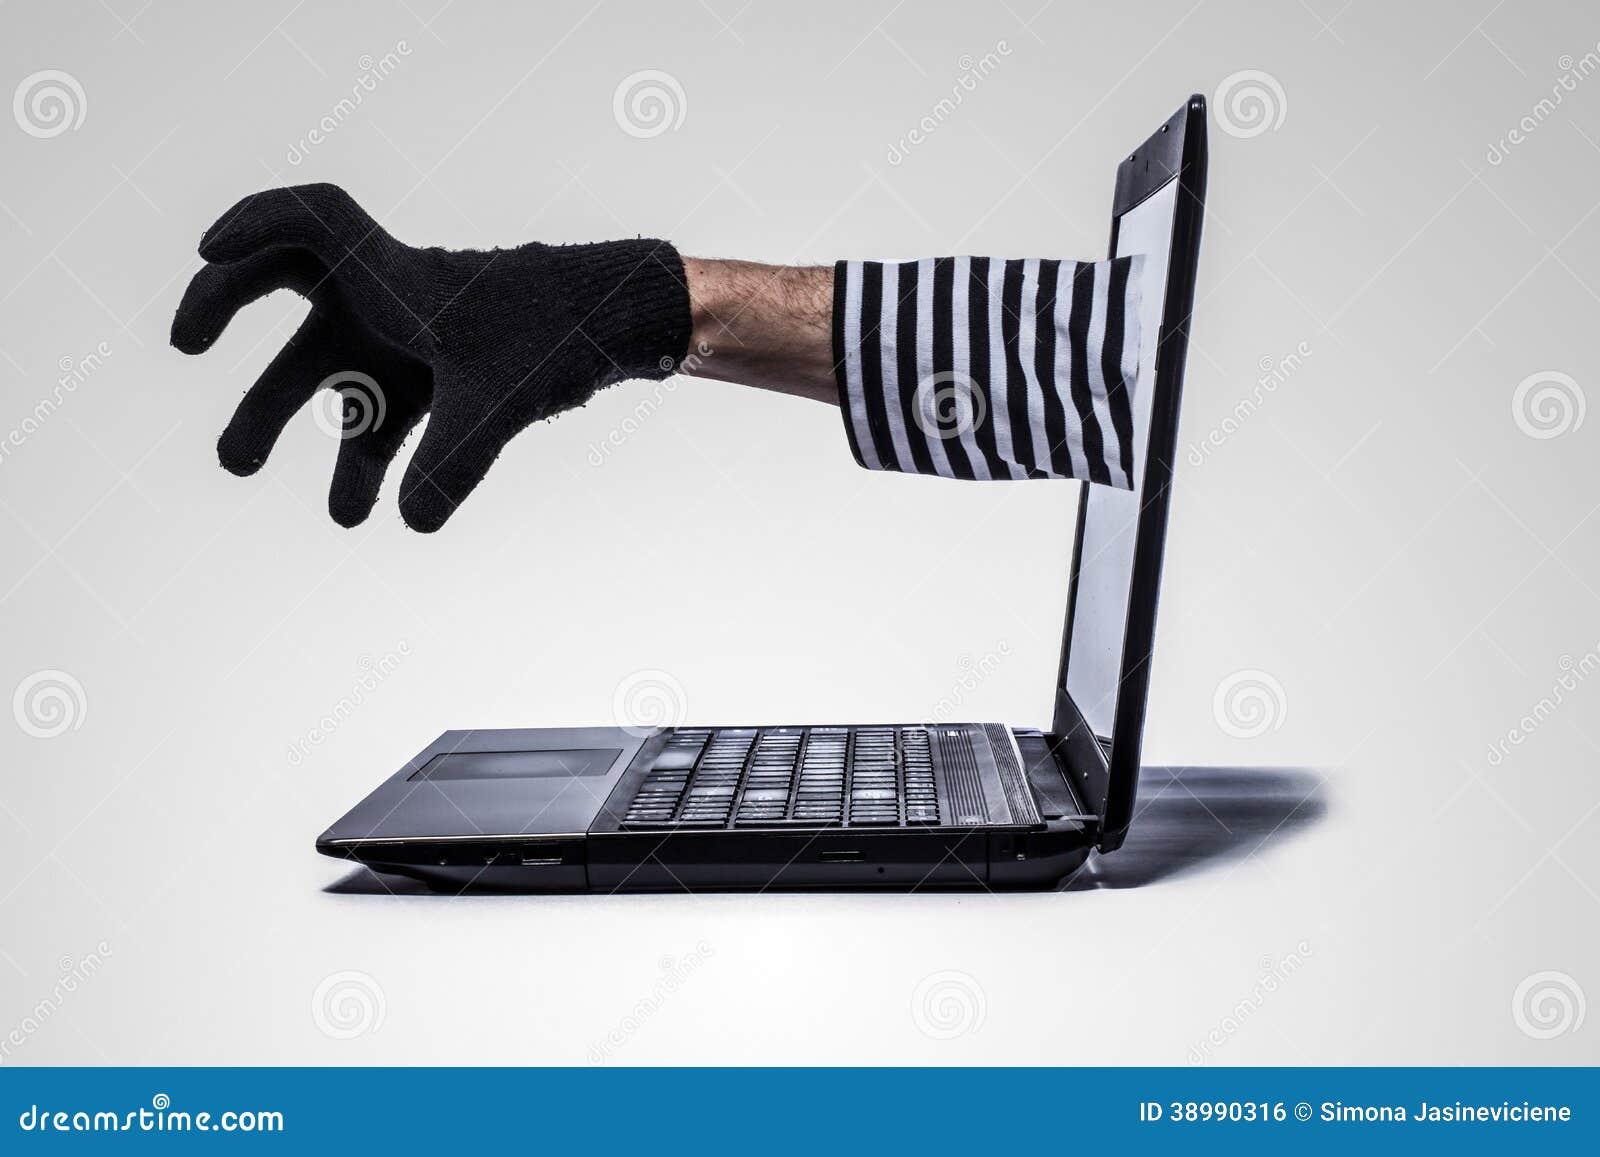 De handbereik van de dief uit computer